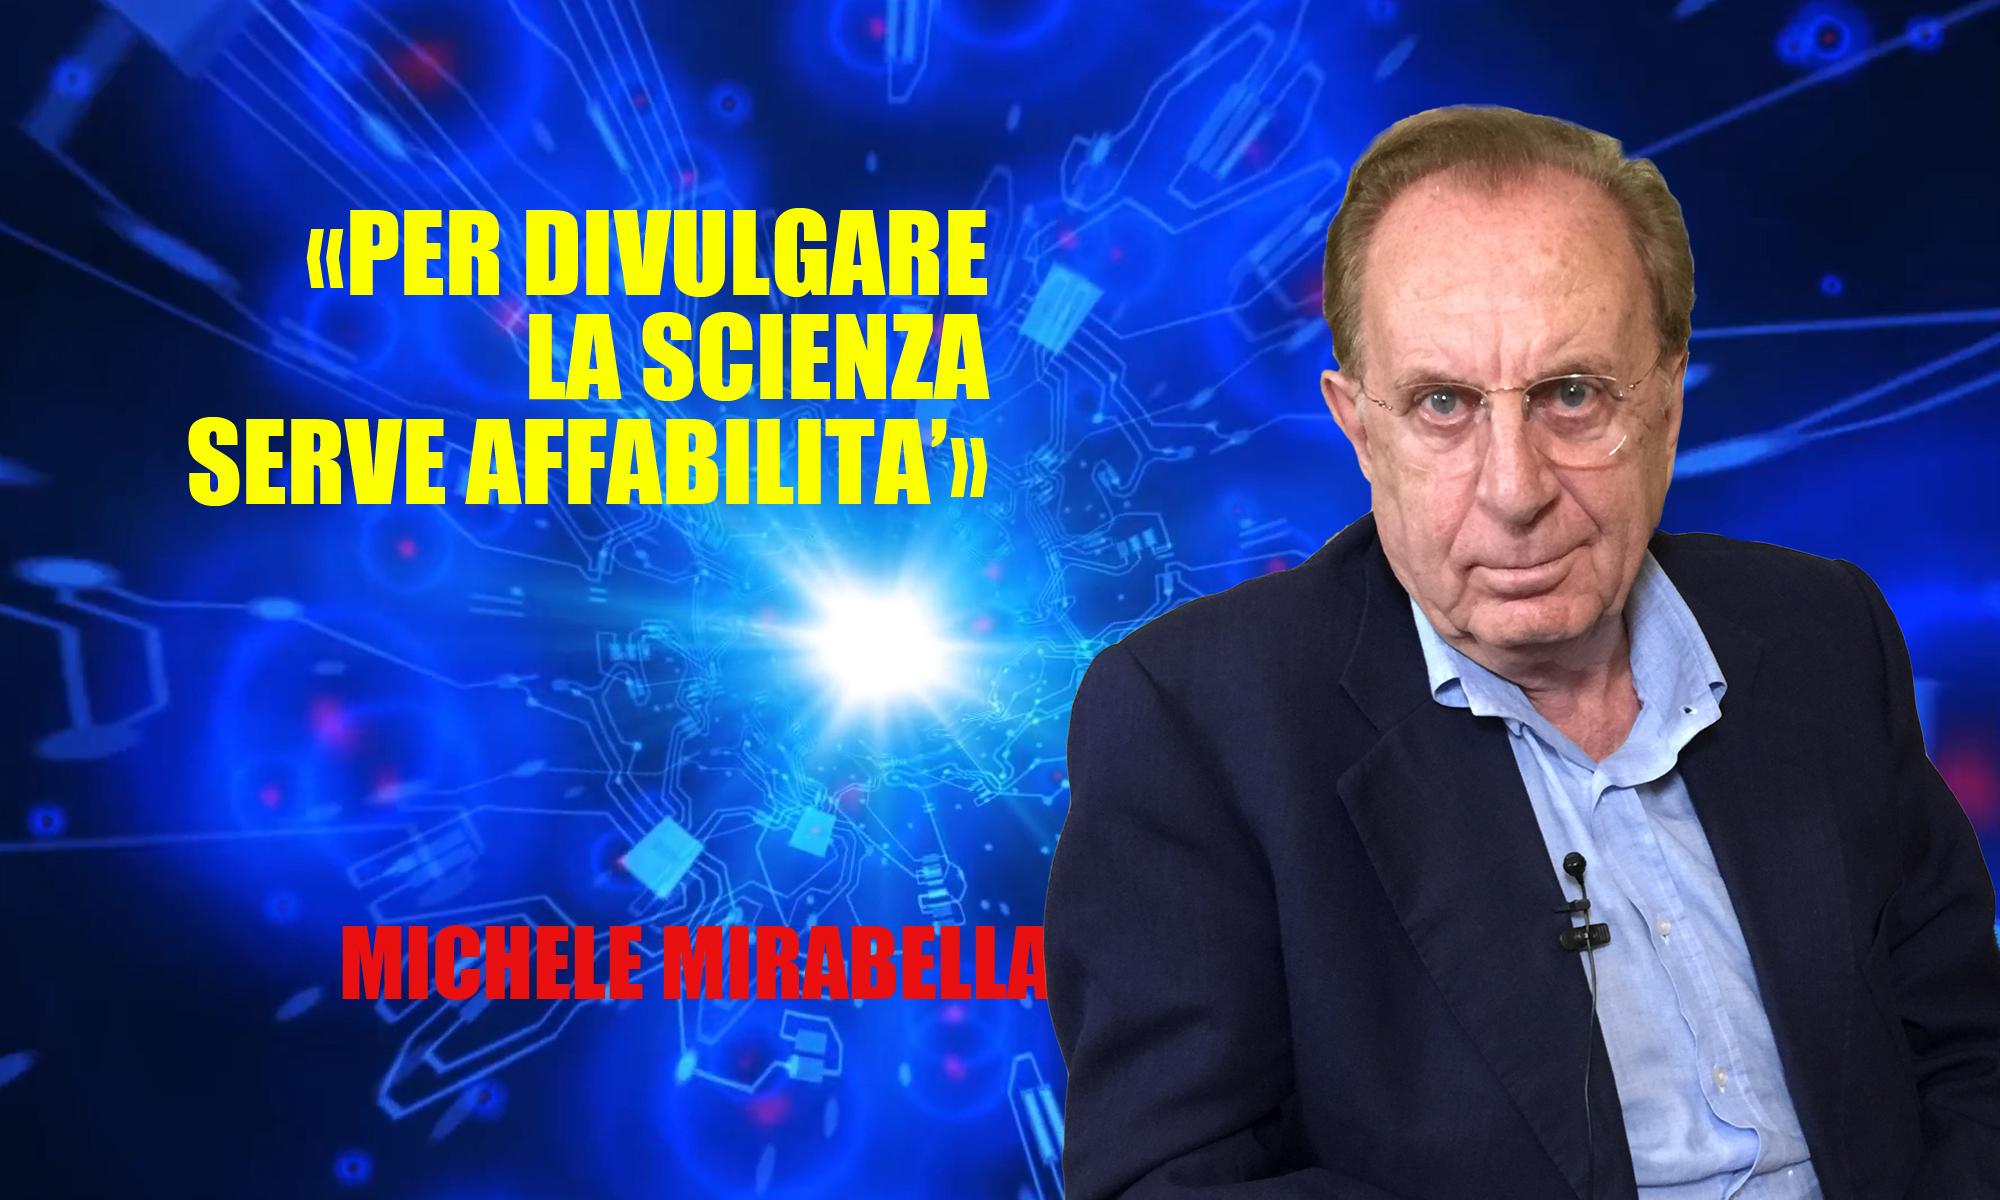 Michele Mirabella: «Per divulgare la scienza serve affabilità»